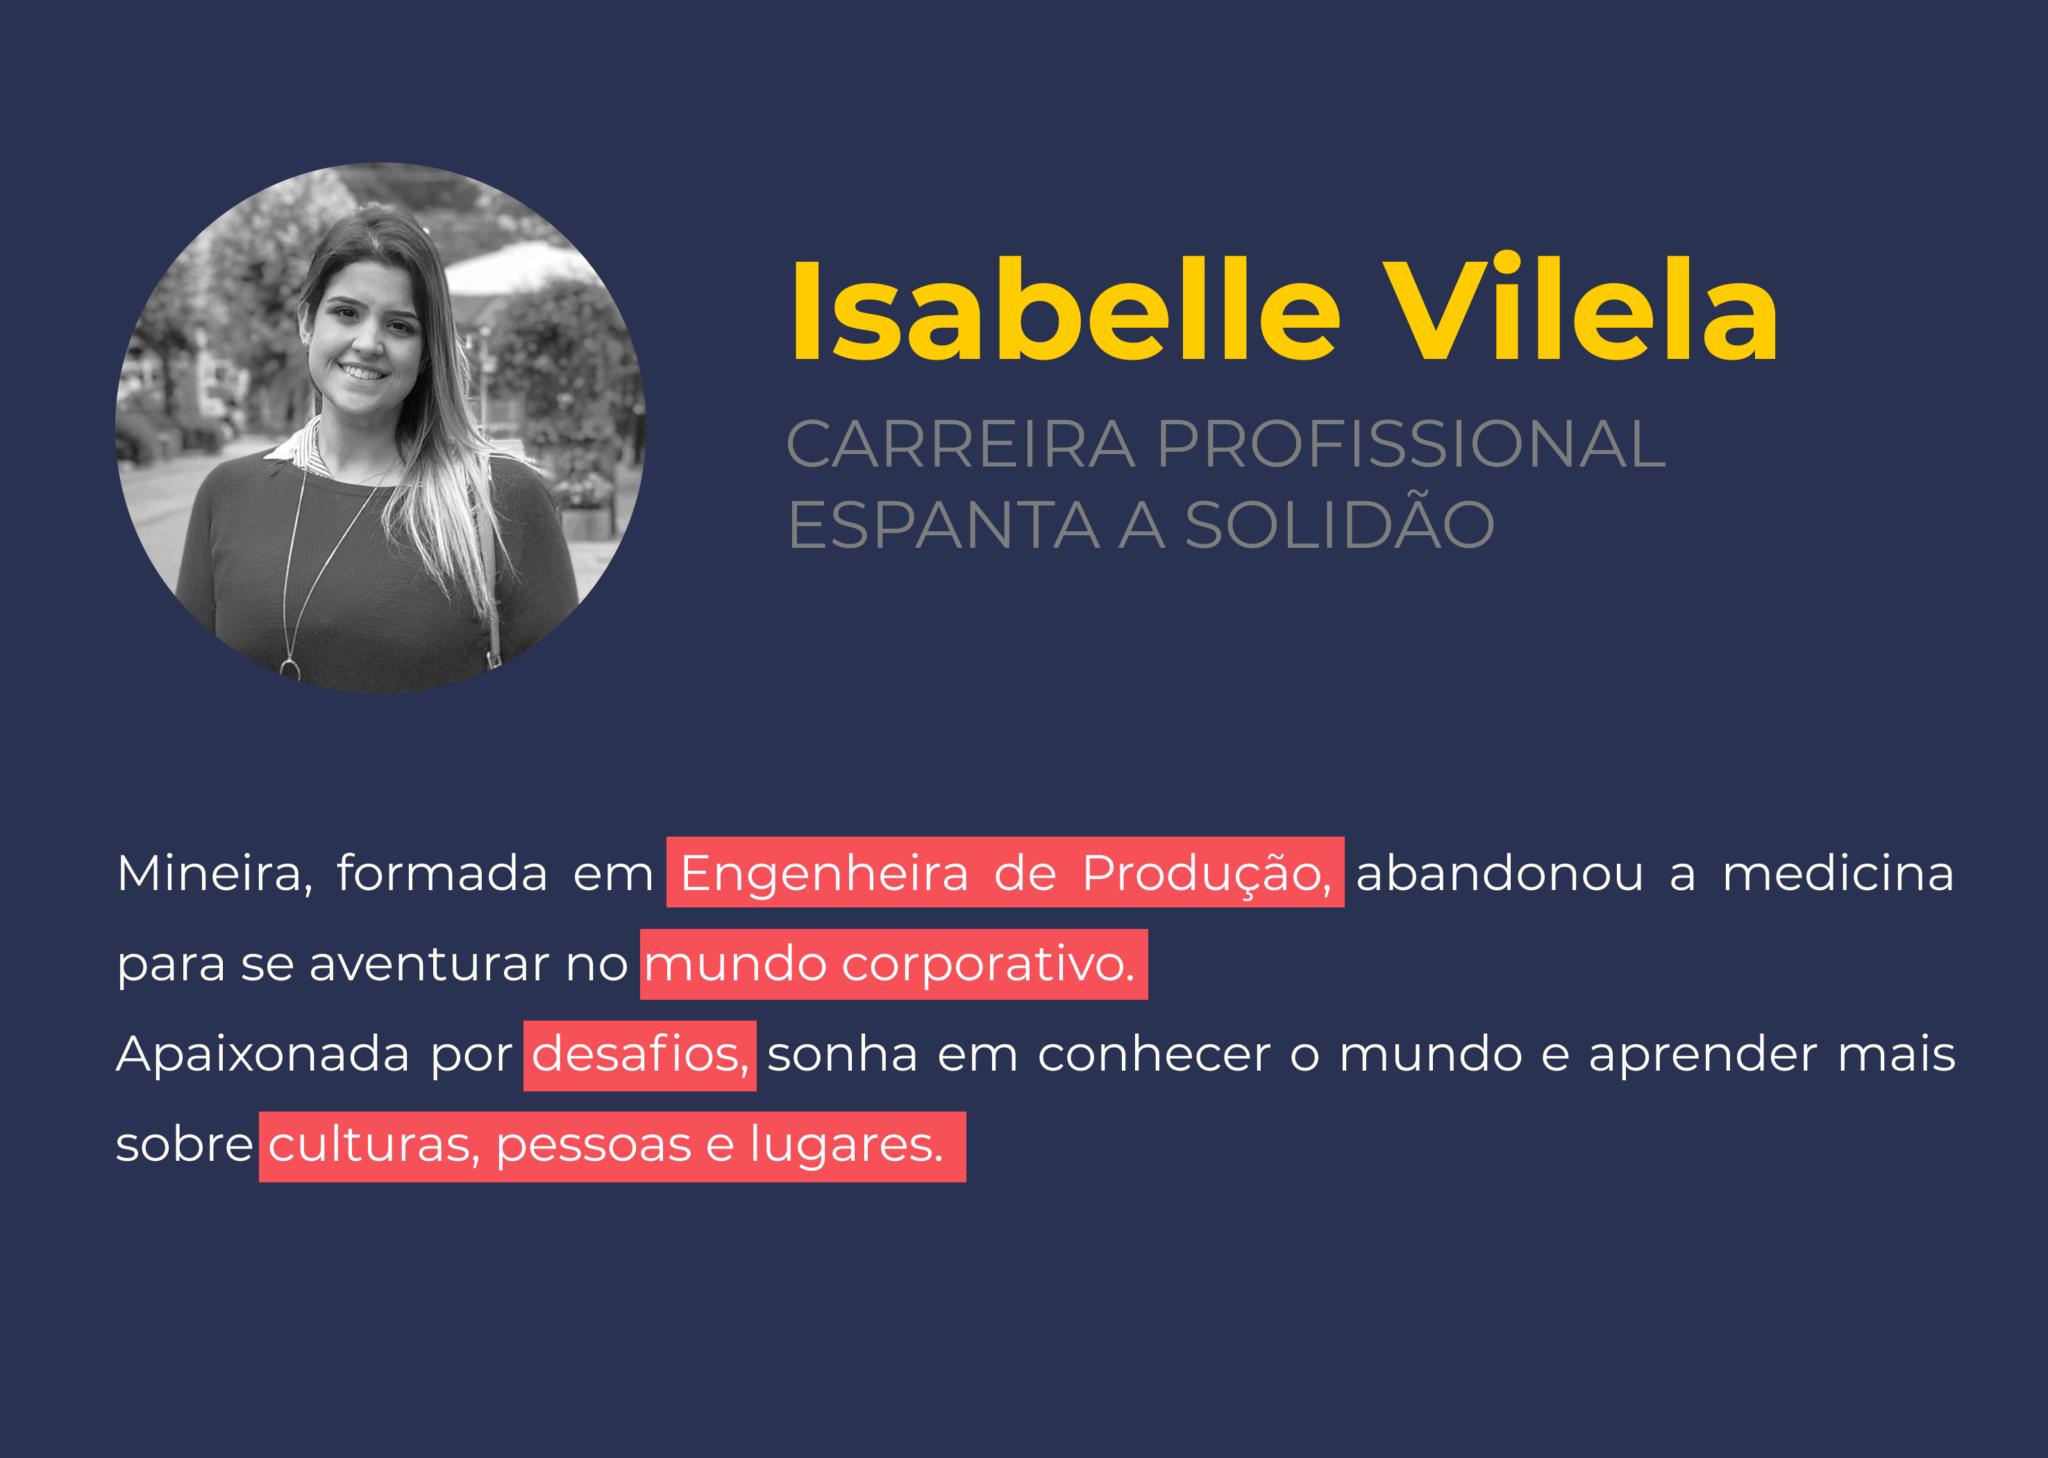 Isabelle Vilela